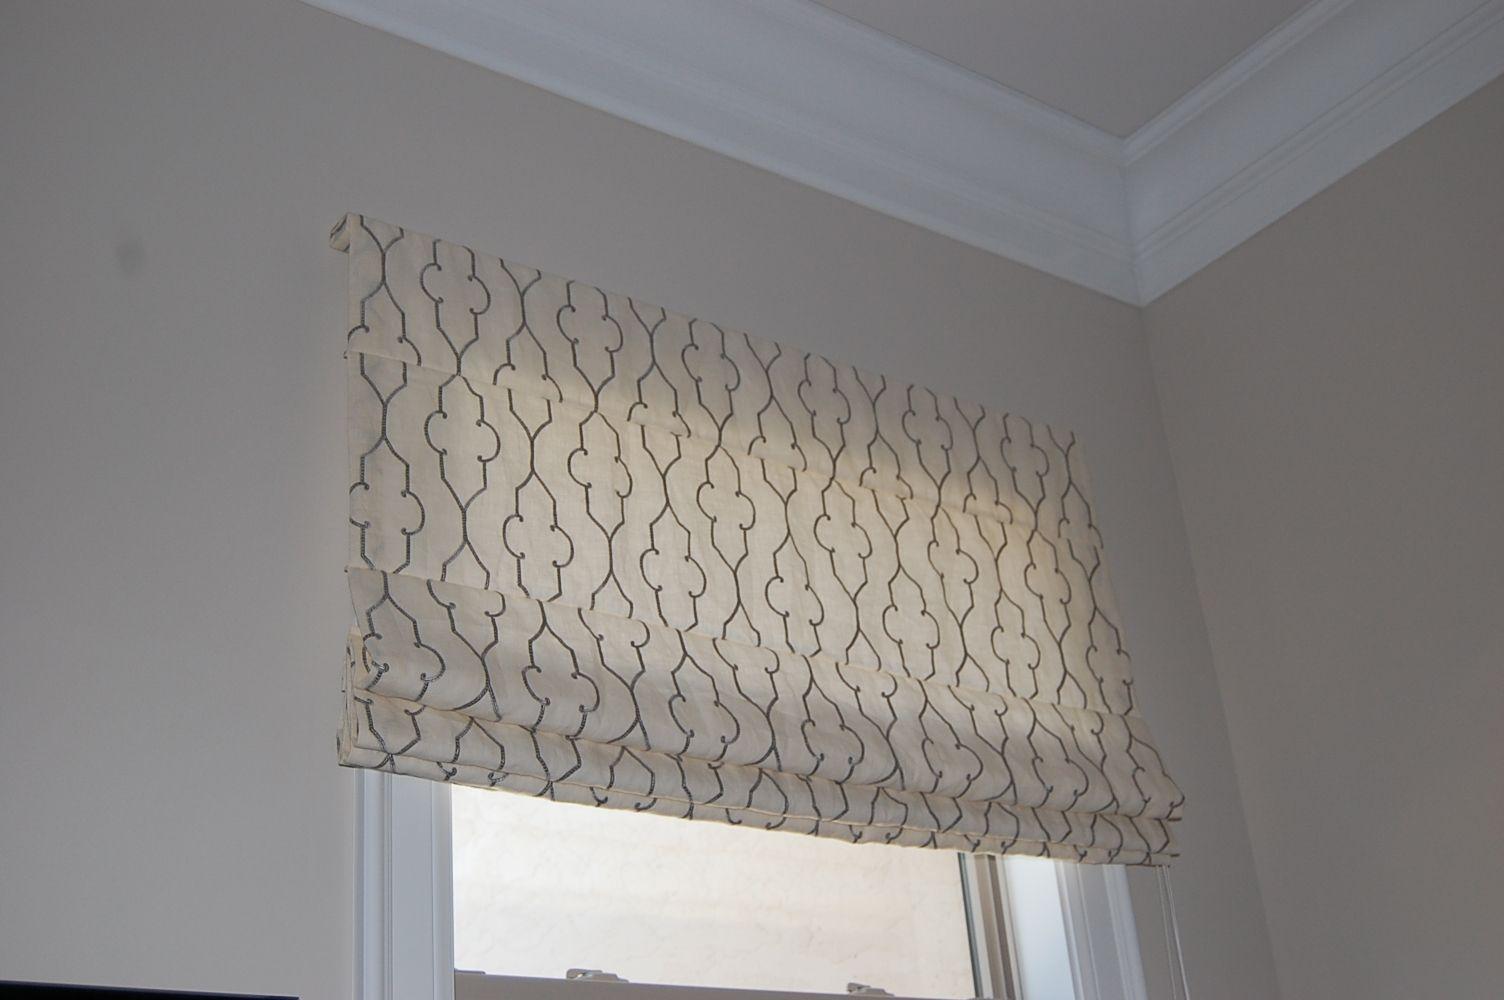 Basement window coverings outside  board mounted flat roman shade  arh custom window fashions